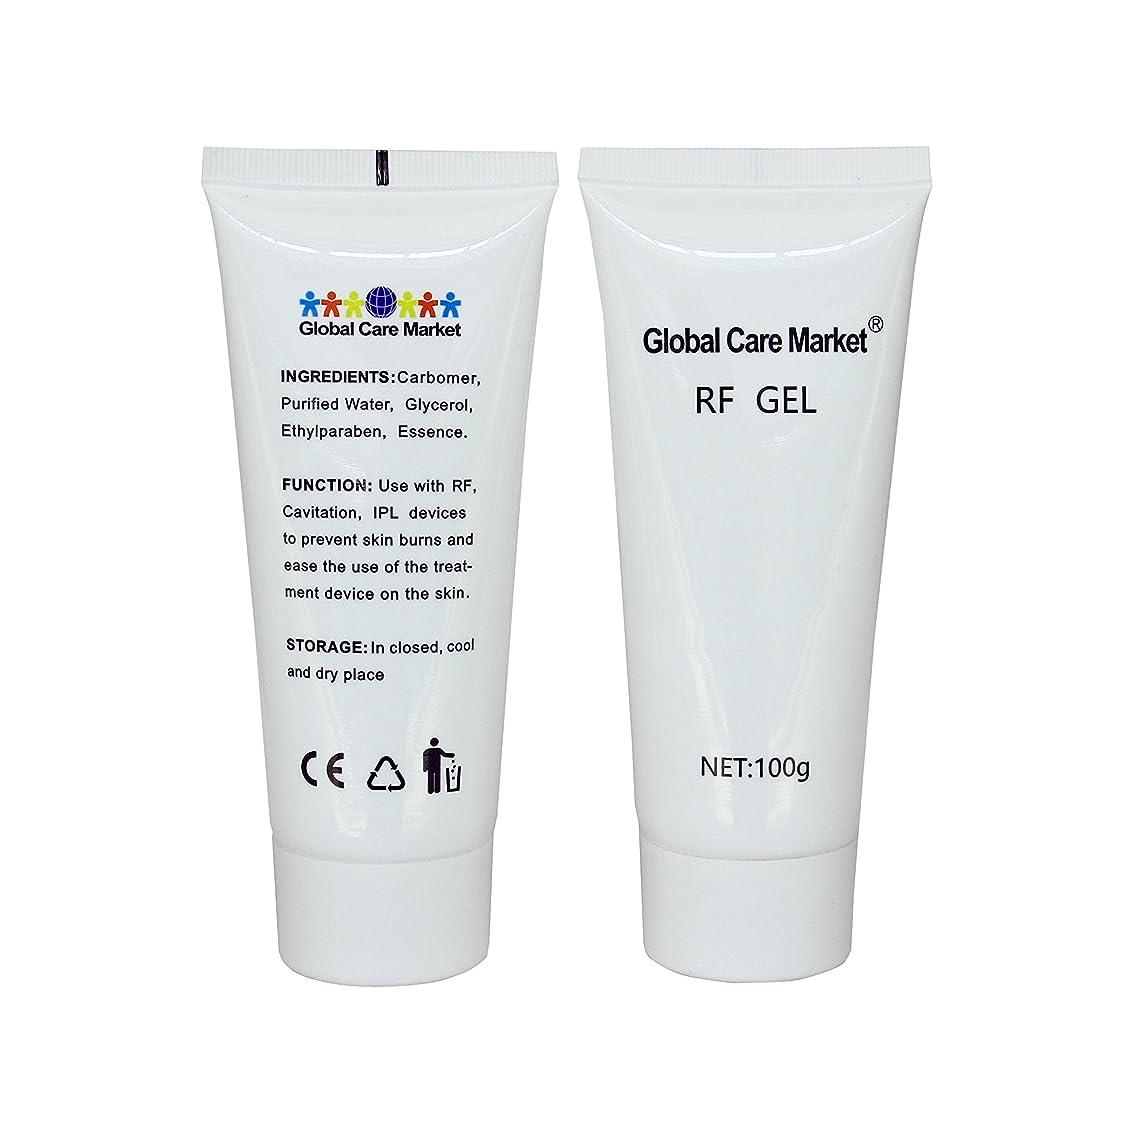 退屈スキー動揺させるRF GEL(2 Pack) - 高周波治療装置に使用する皮膚冷却および潤滑です